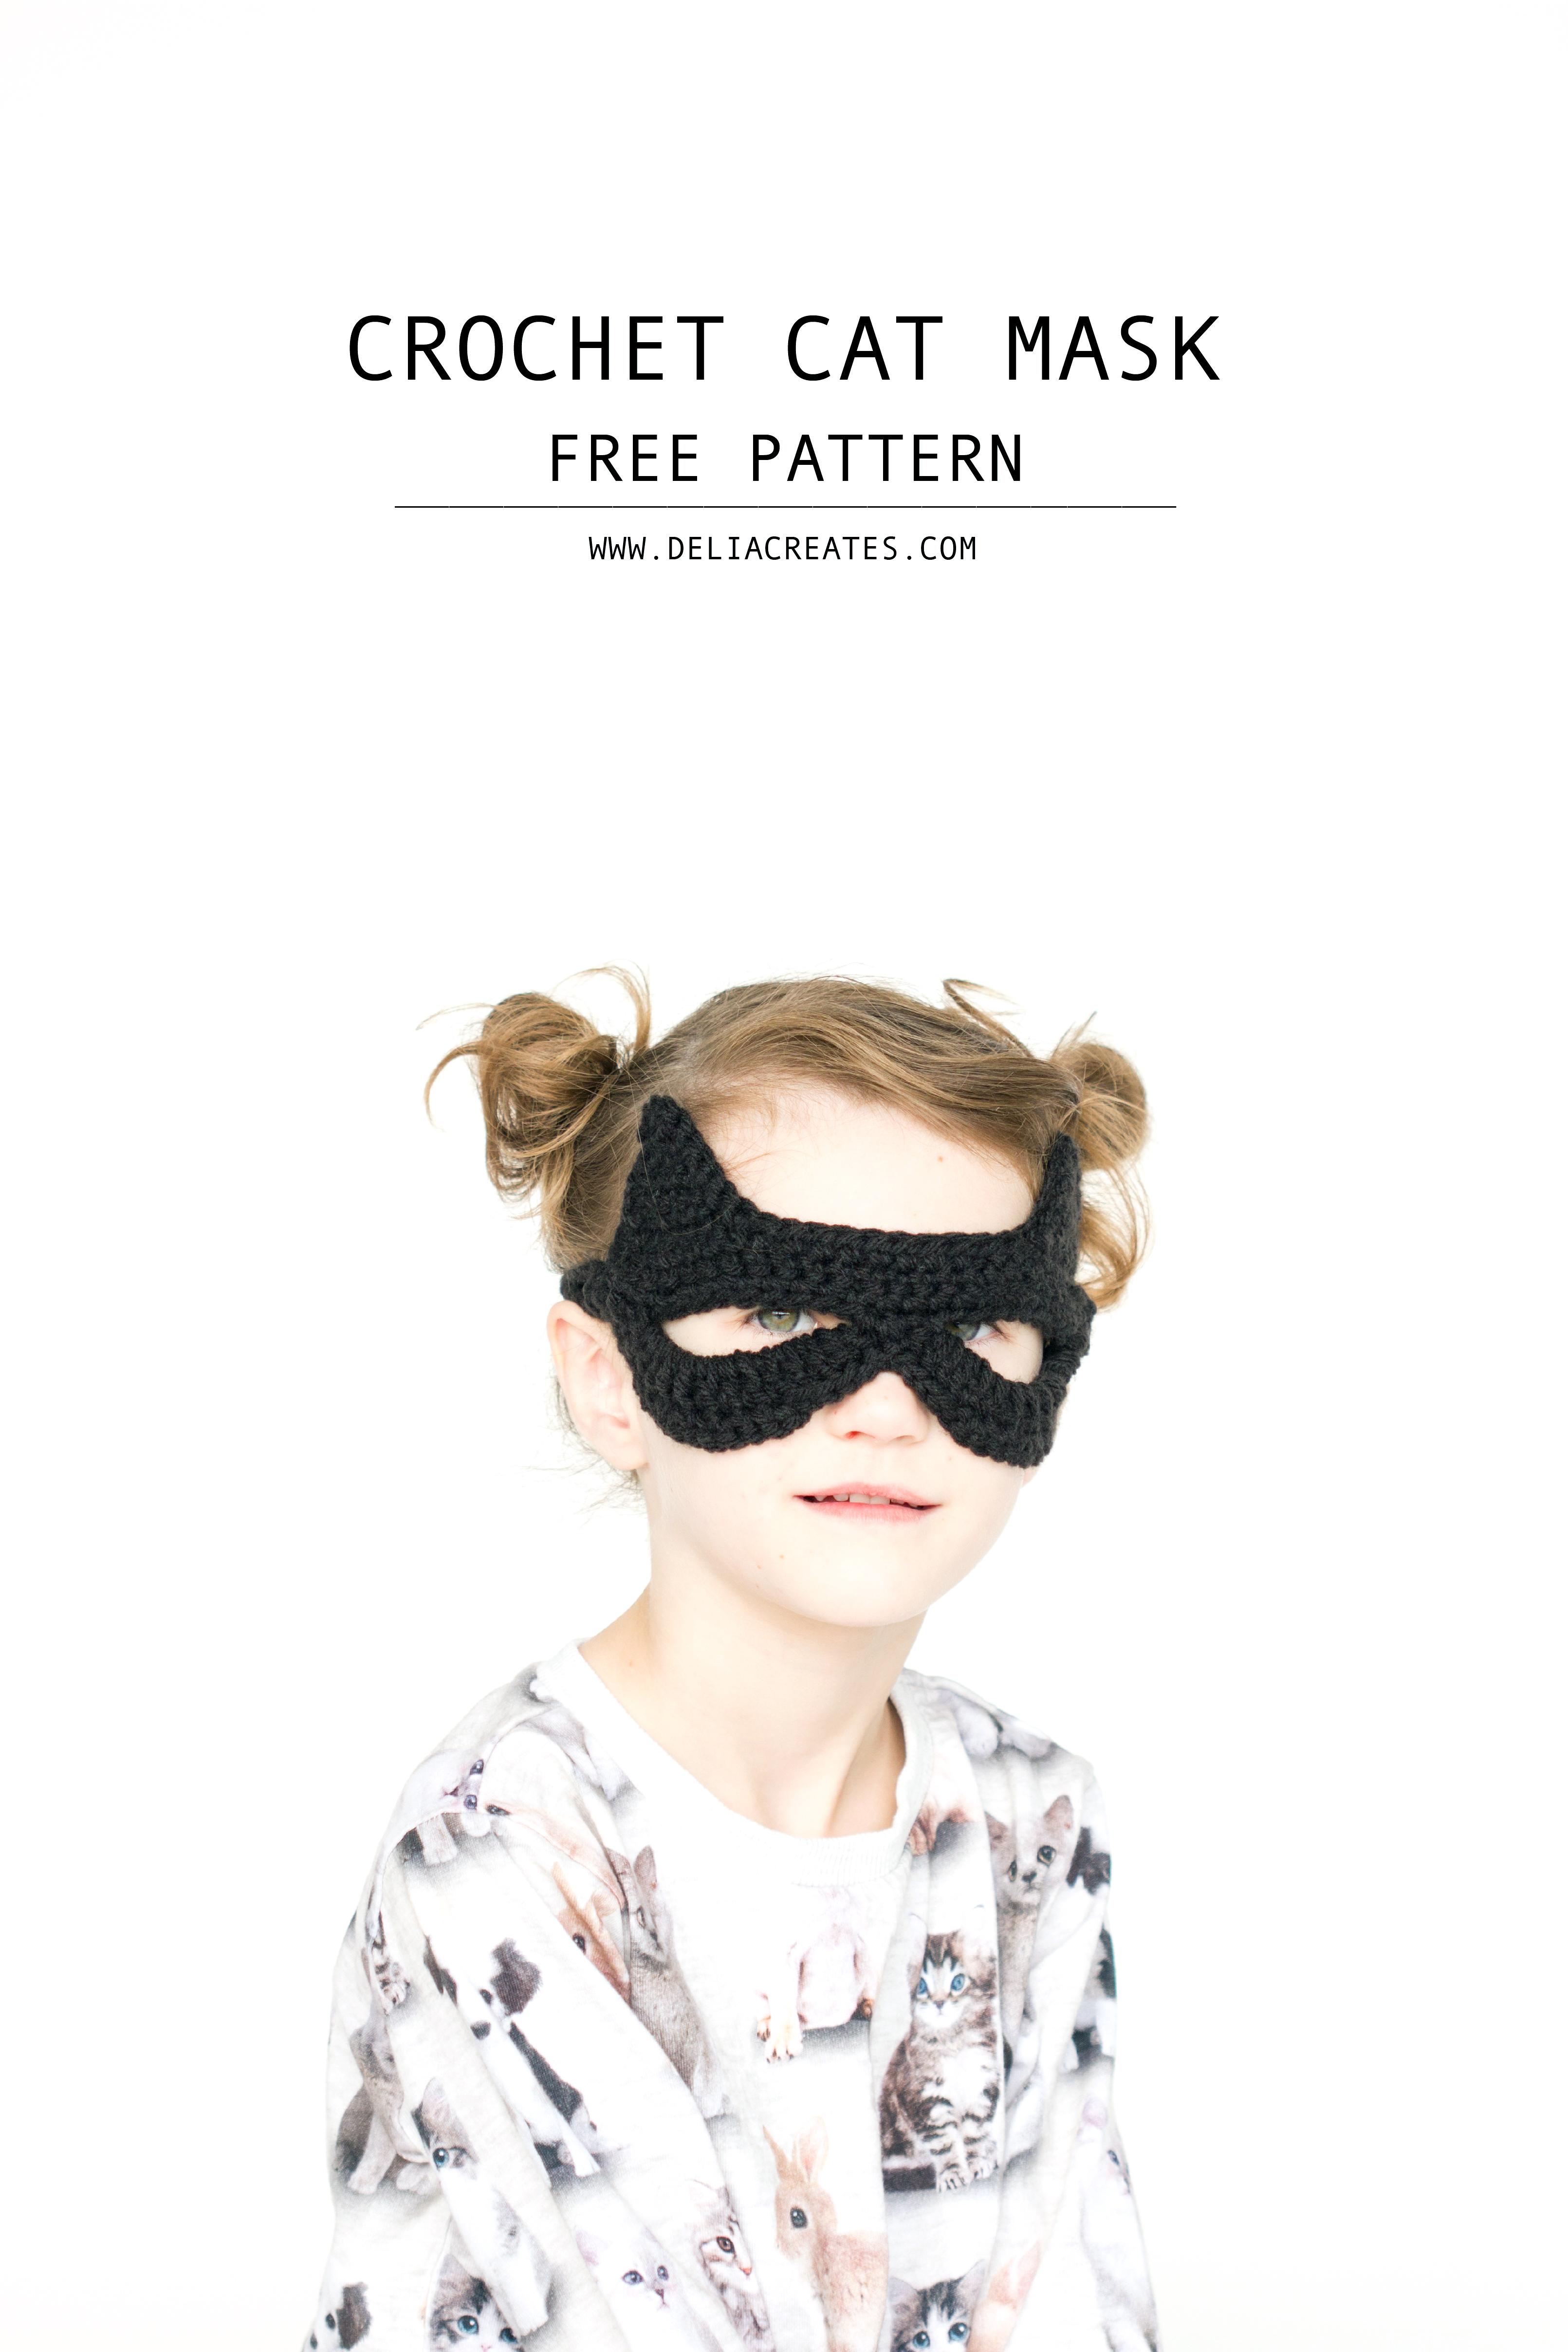 Crocheted Cat Mask: free pattern + tutorial // www.deliacreates.com